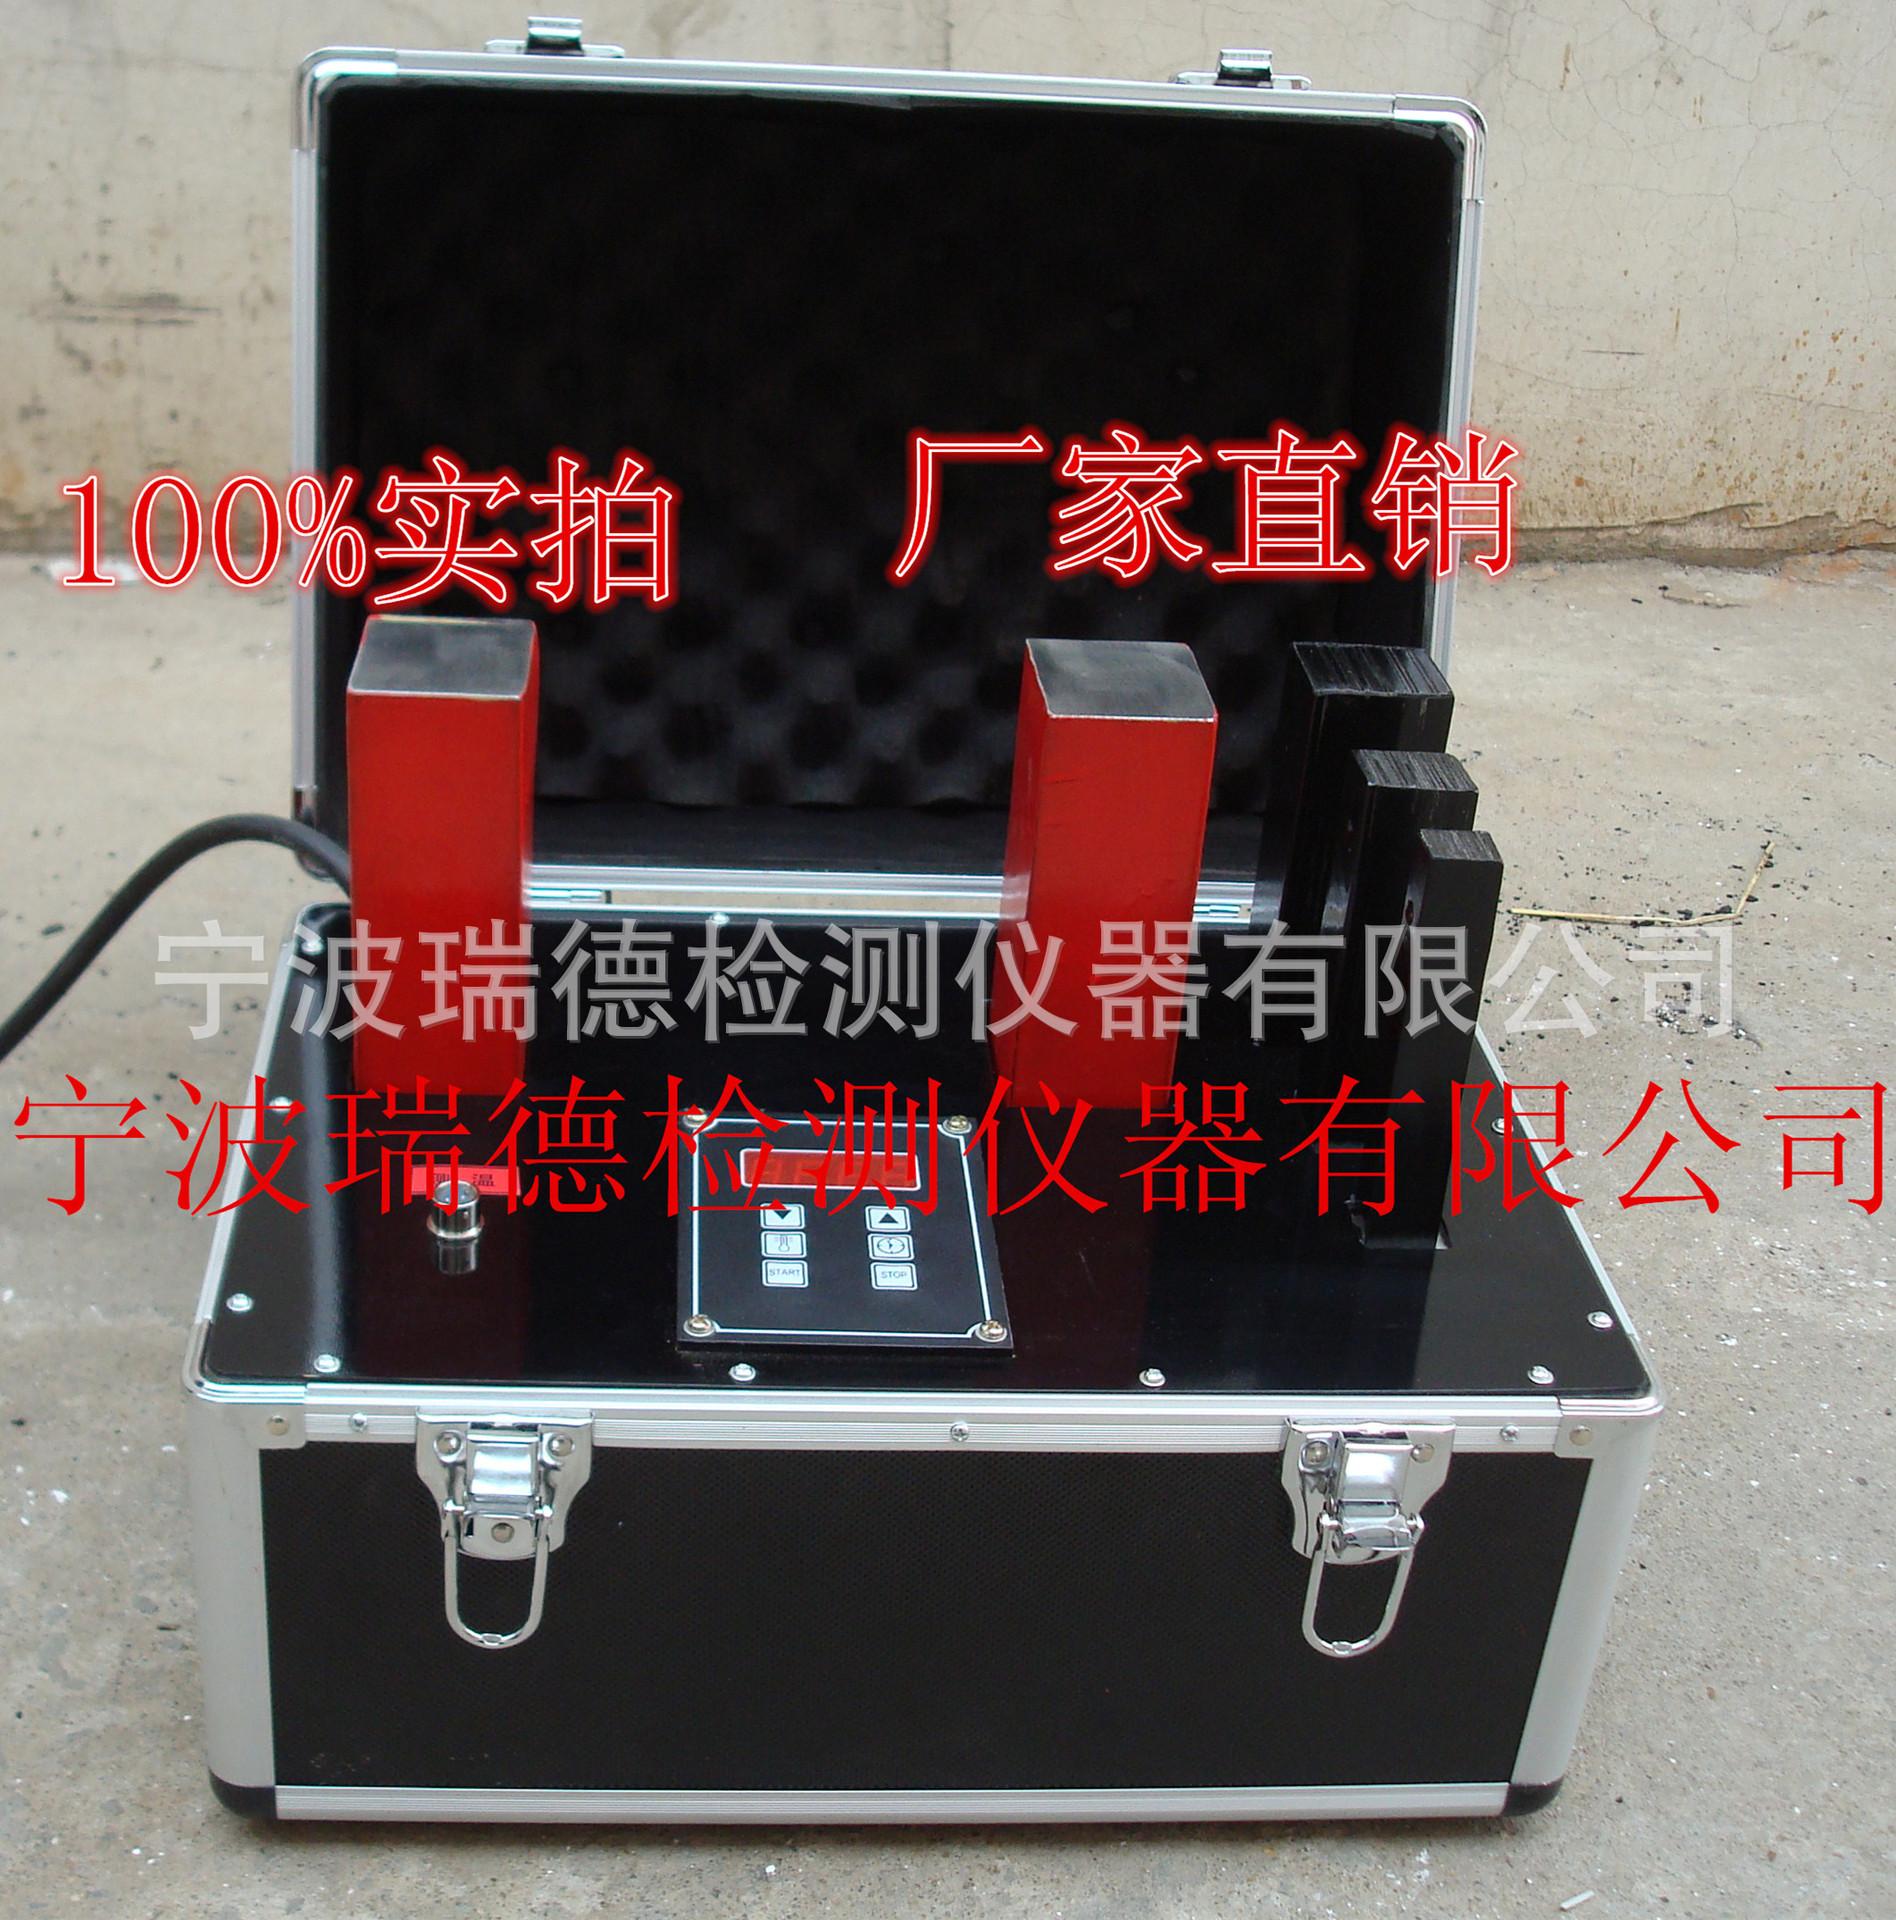 ld-10便攜式加熱器  大圖_副本